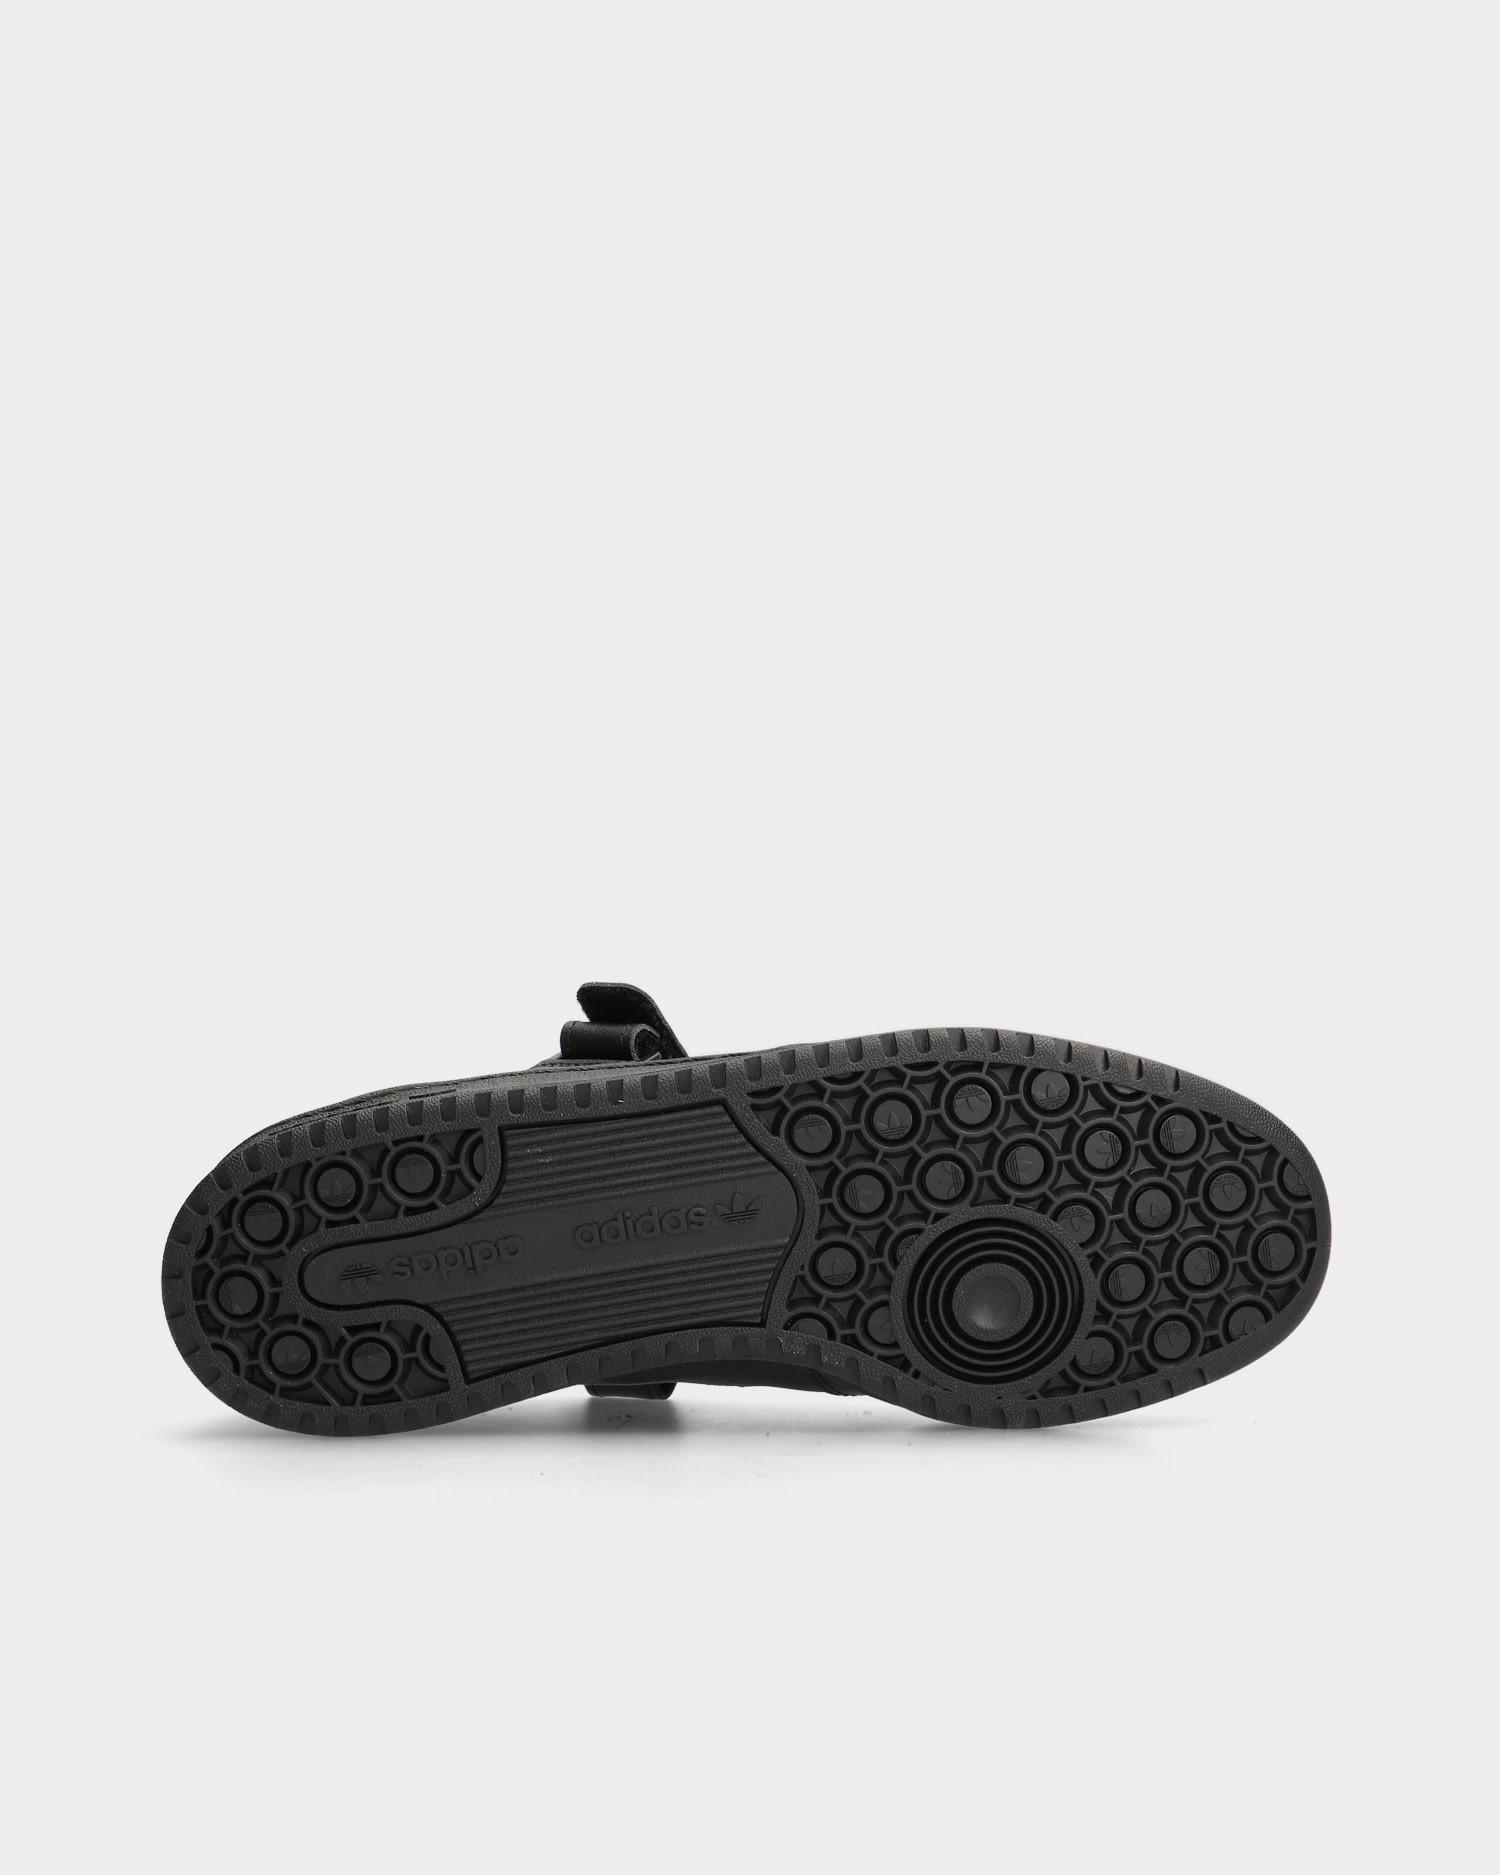 adidas Forum Low Core Black / Core Black / Core Black